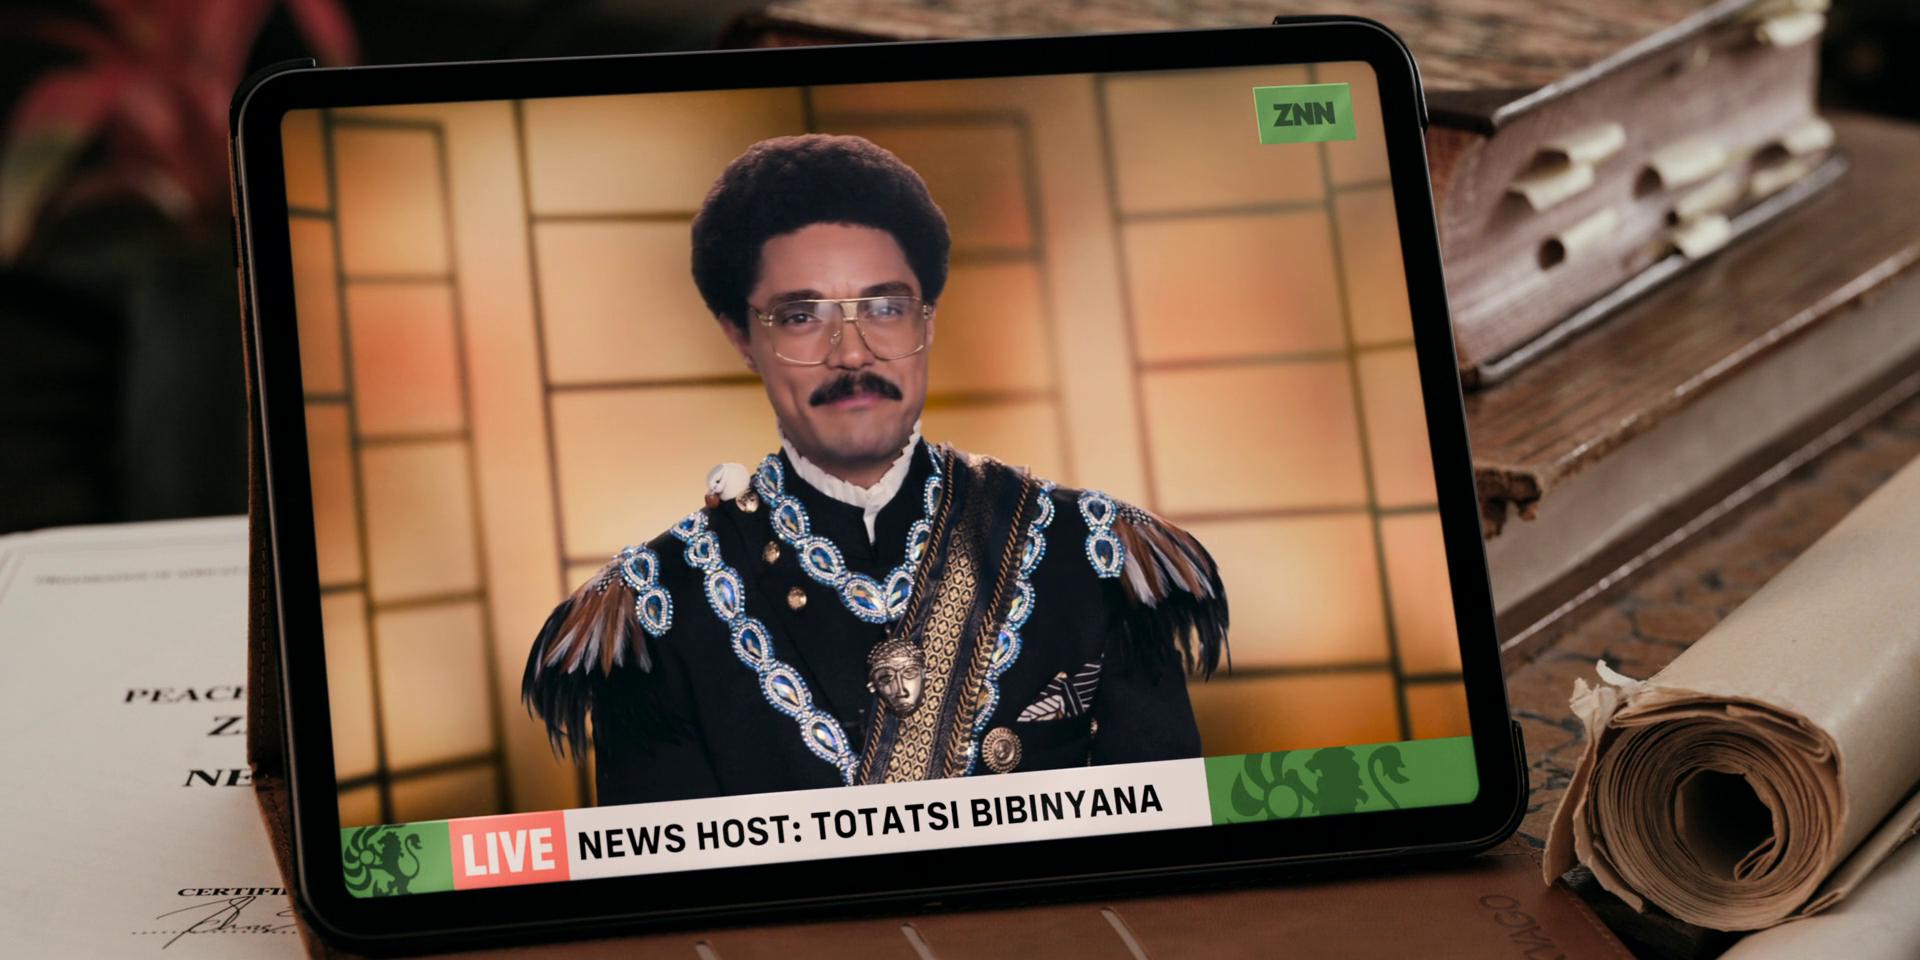 Un príncipe en Nueva York 2 (2021) 1080p 60FPS WEB-DL AMZN Latino